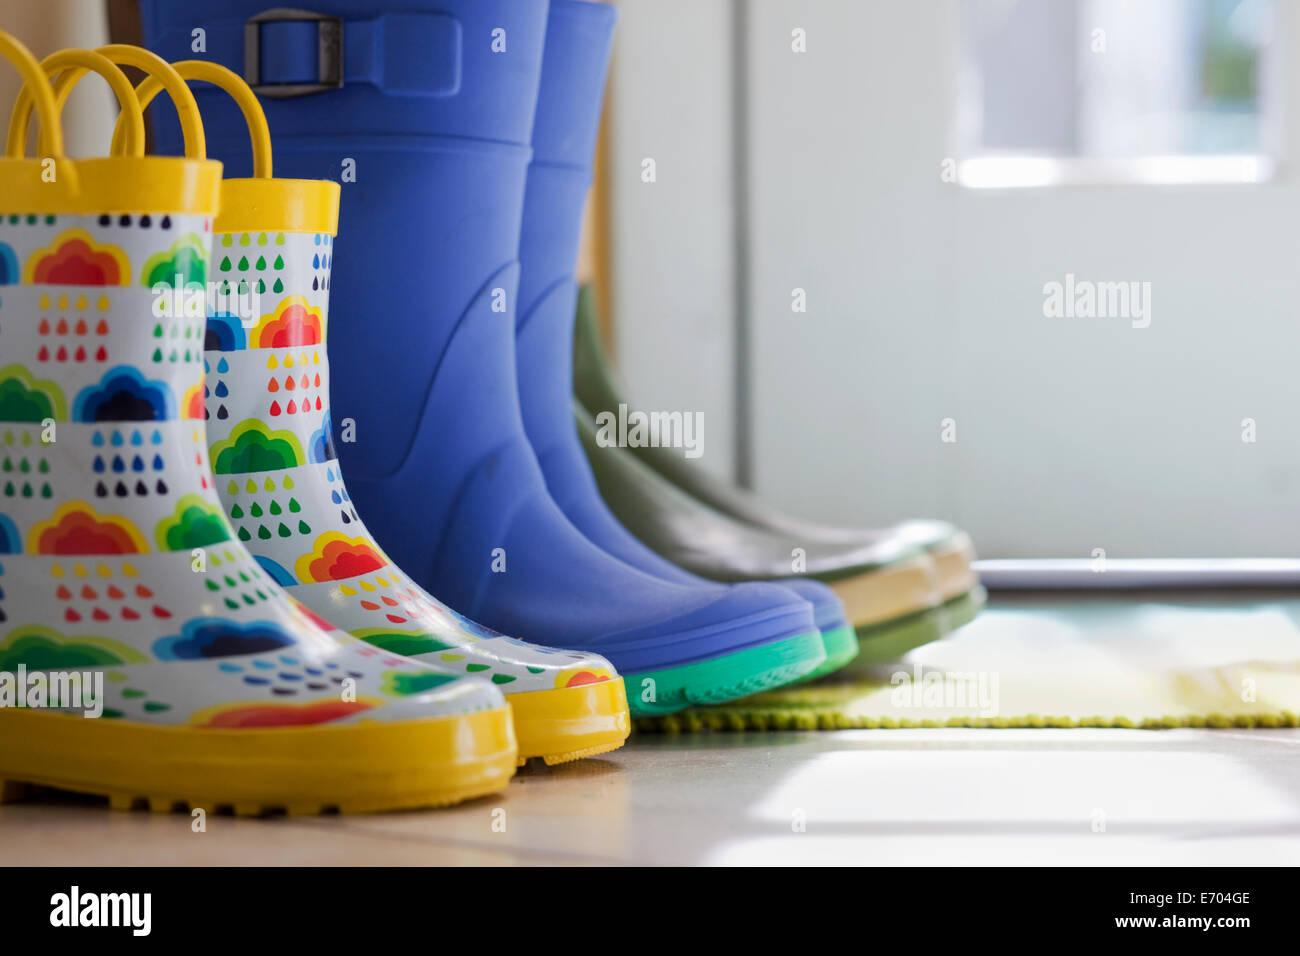 Vicino la vista laterale della fila di stivali di gomma in corrispondenza della porta posteriore Foto Stock